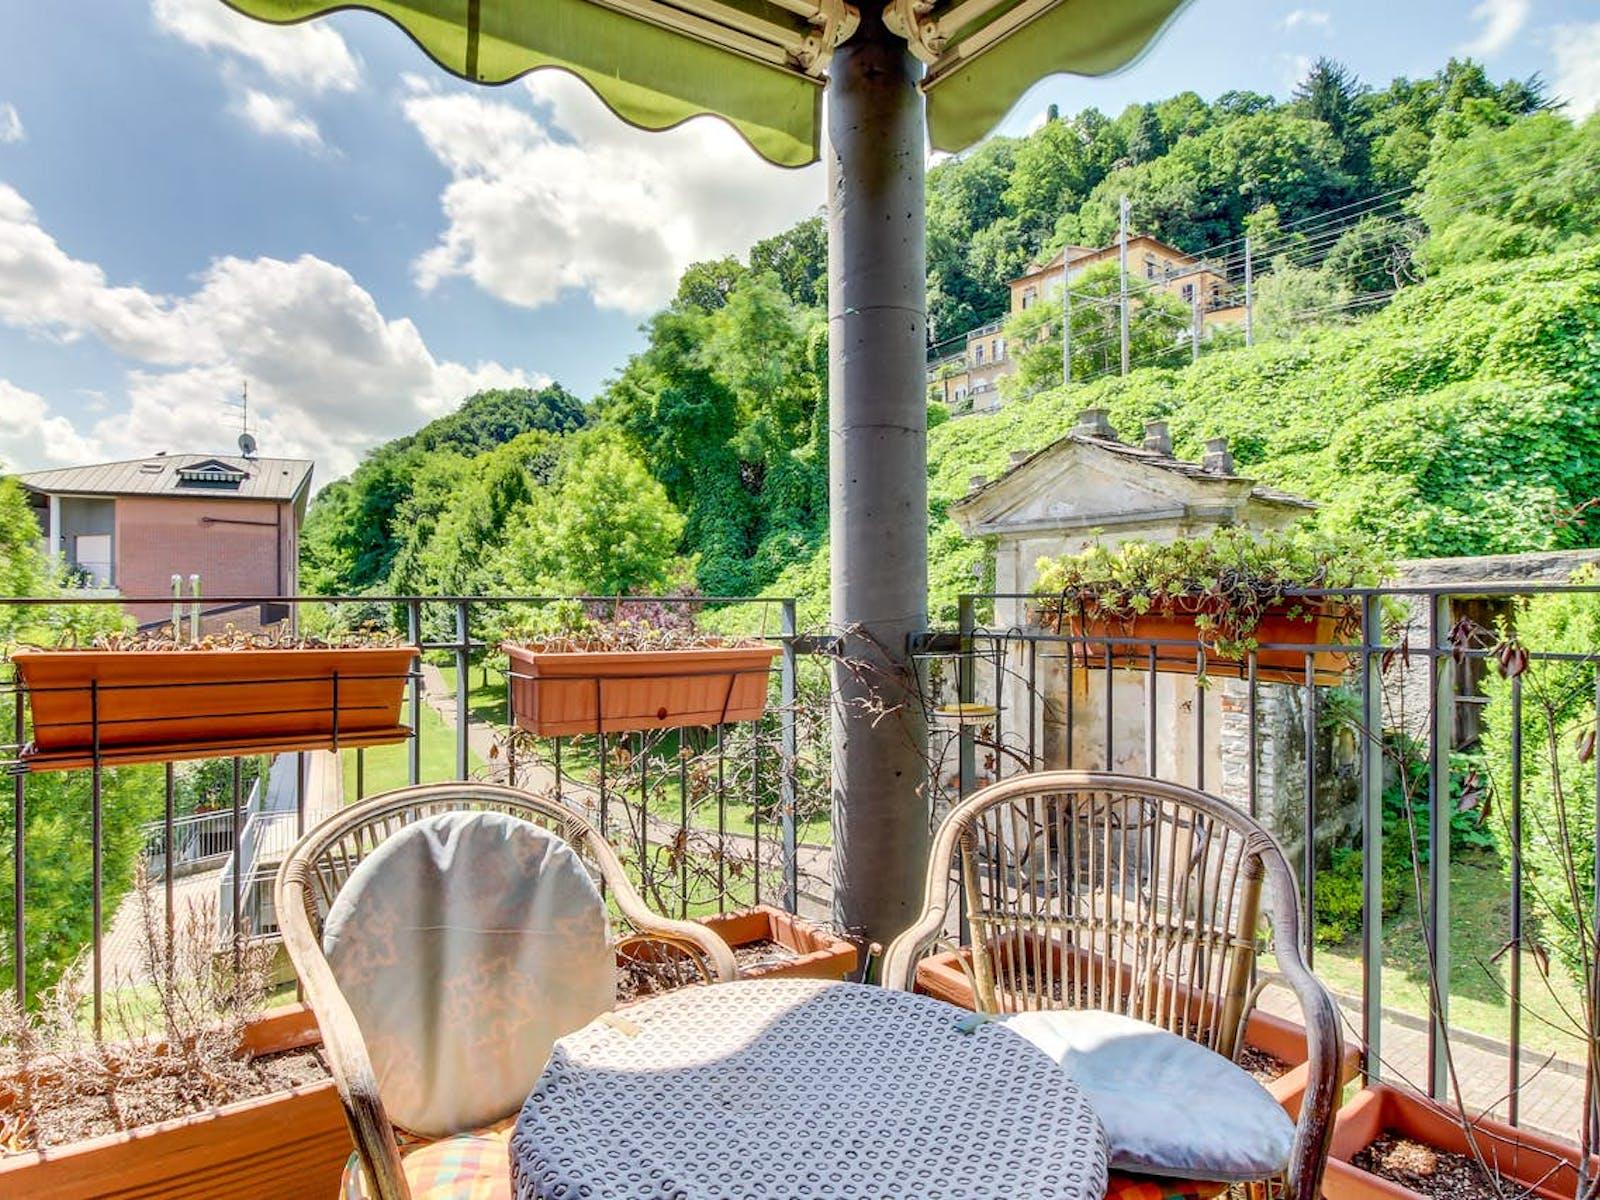 Balcony of Como, Italy vacation home